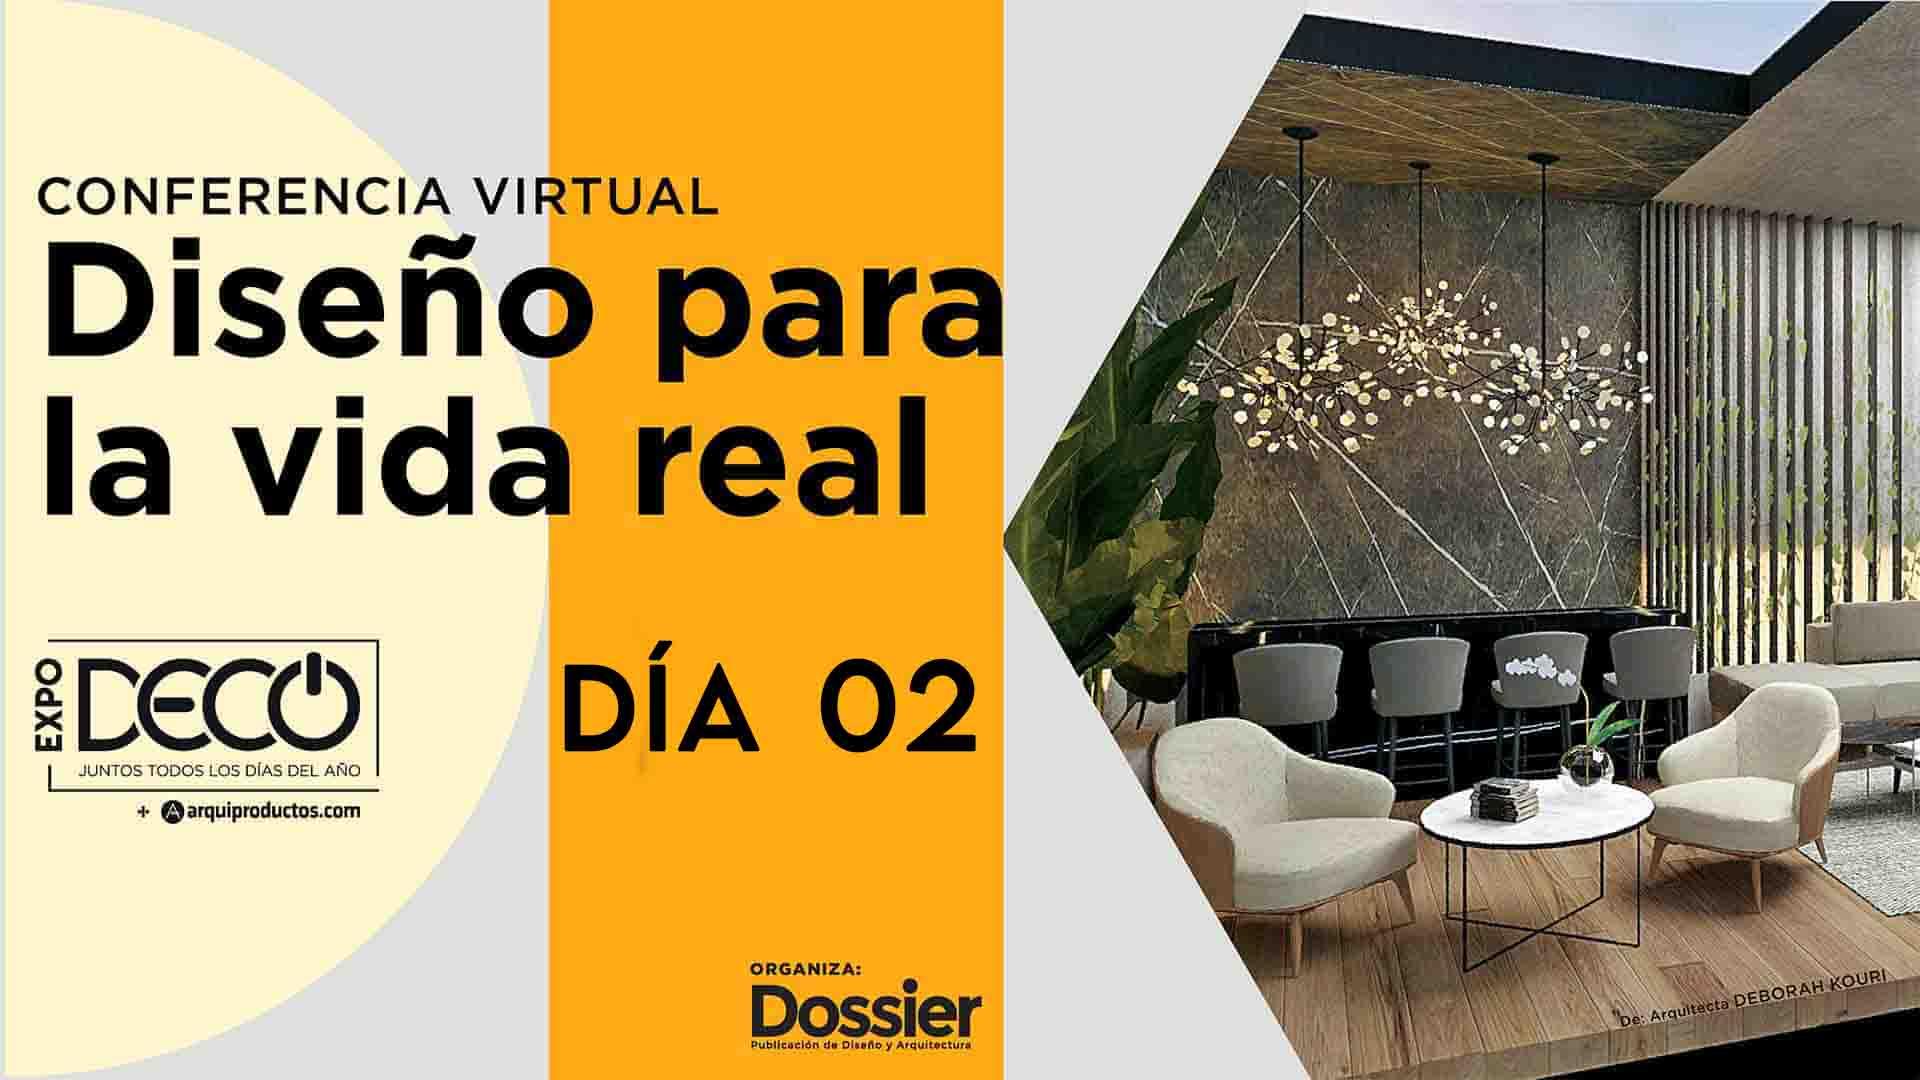 Conferencia virtual - Diseño para la vida real - Día 02